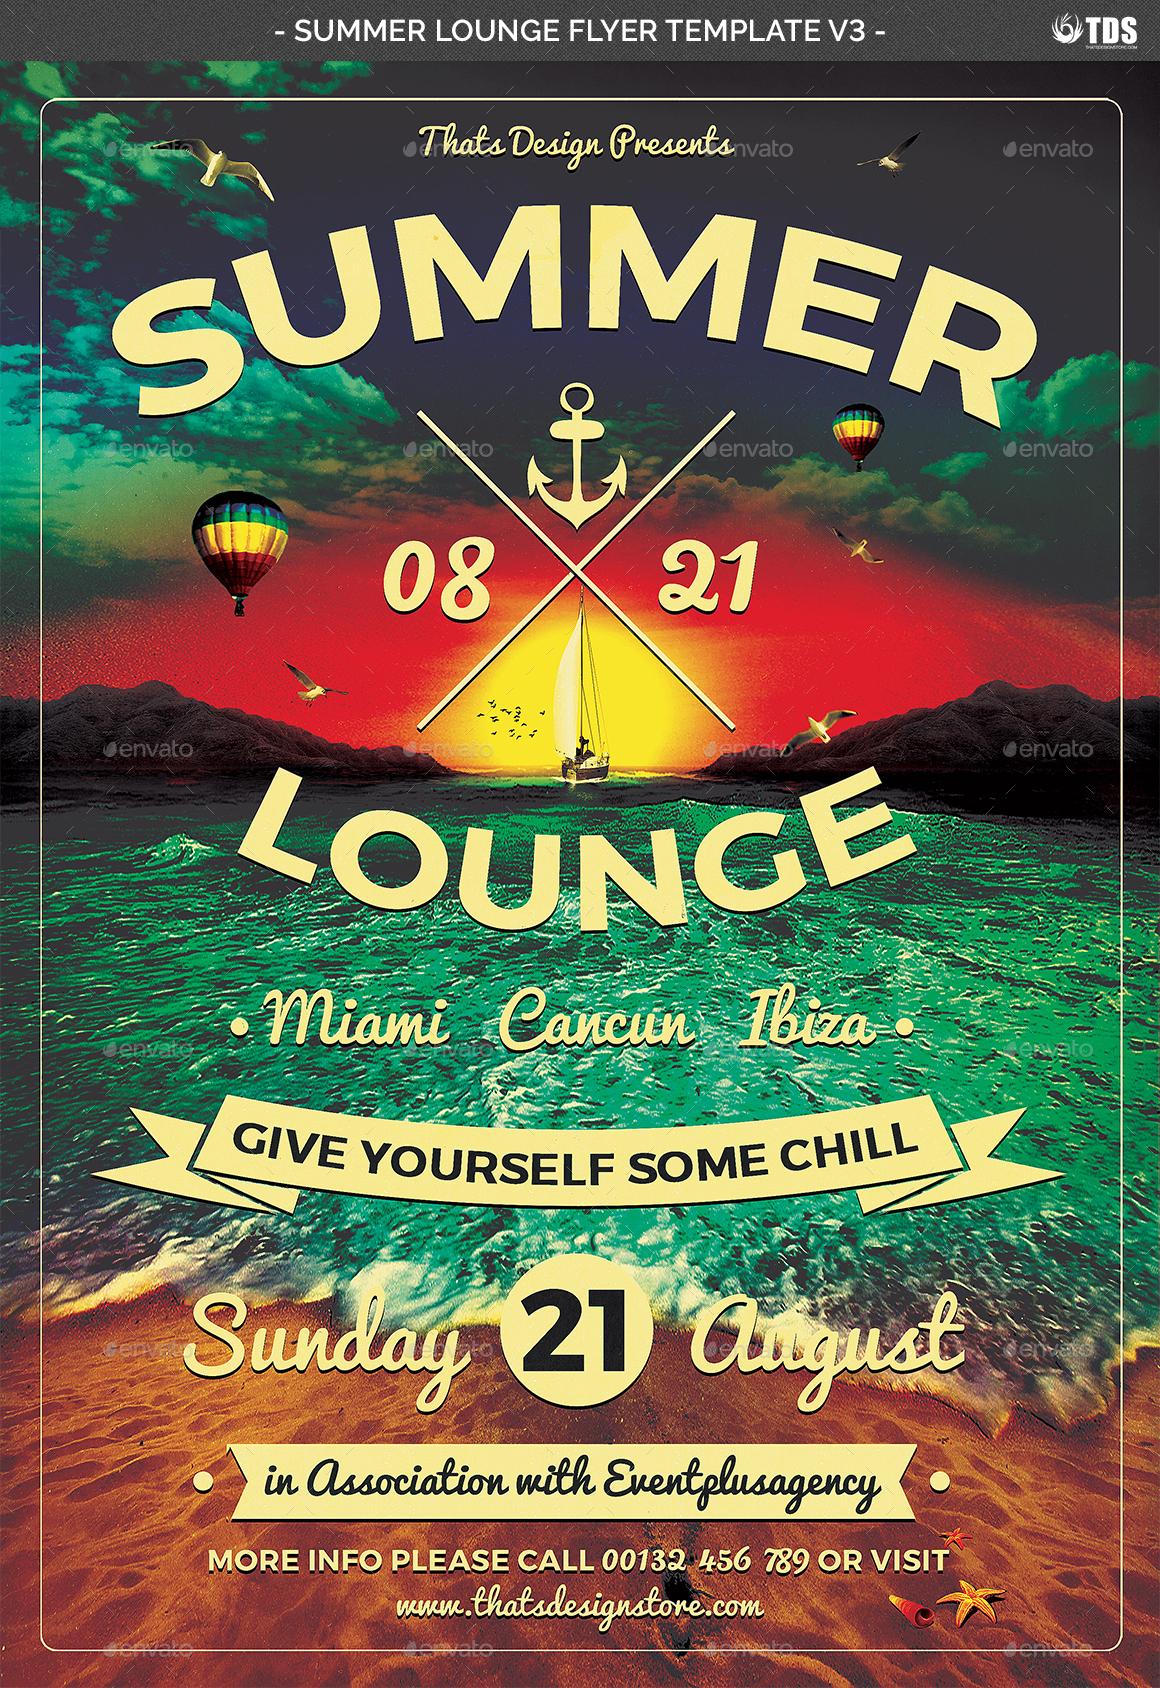 01_Summer Lounge Flyer Template V3 02_Summer Lounge Flyer Template  V3 03_Summer Lounge Flyer Template V3 ...